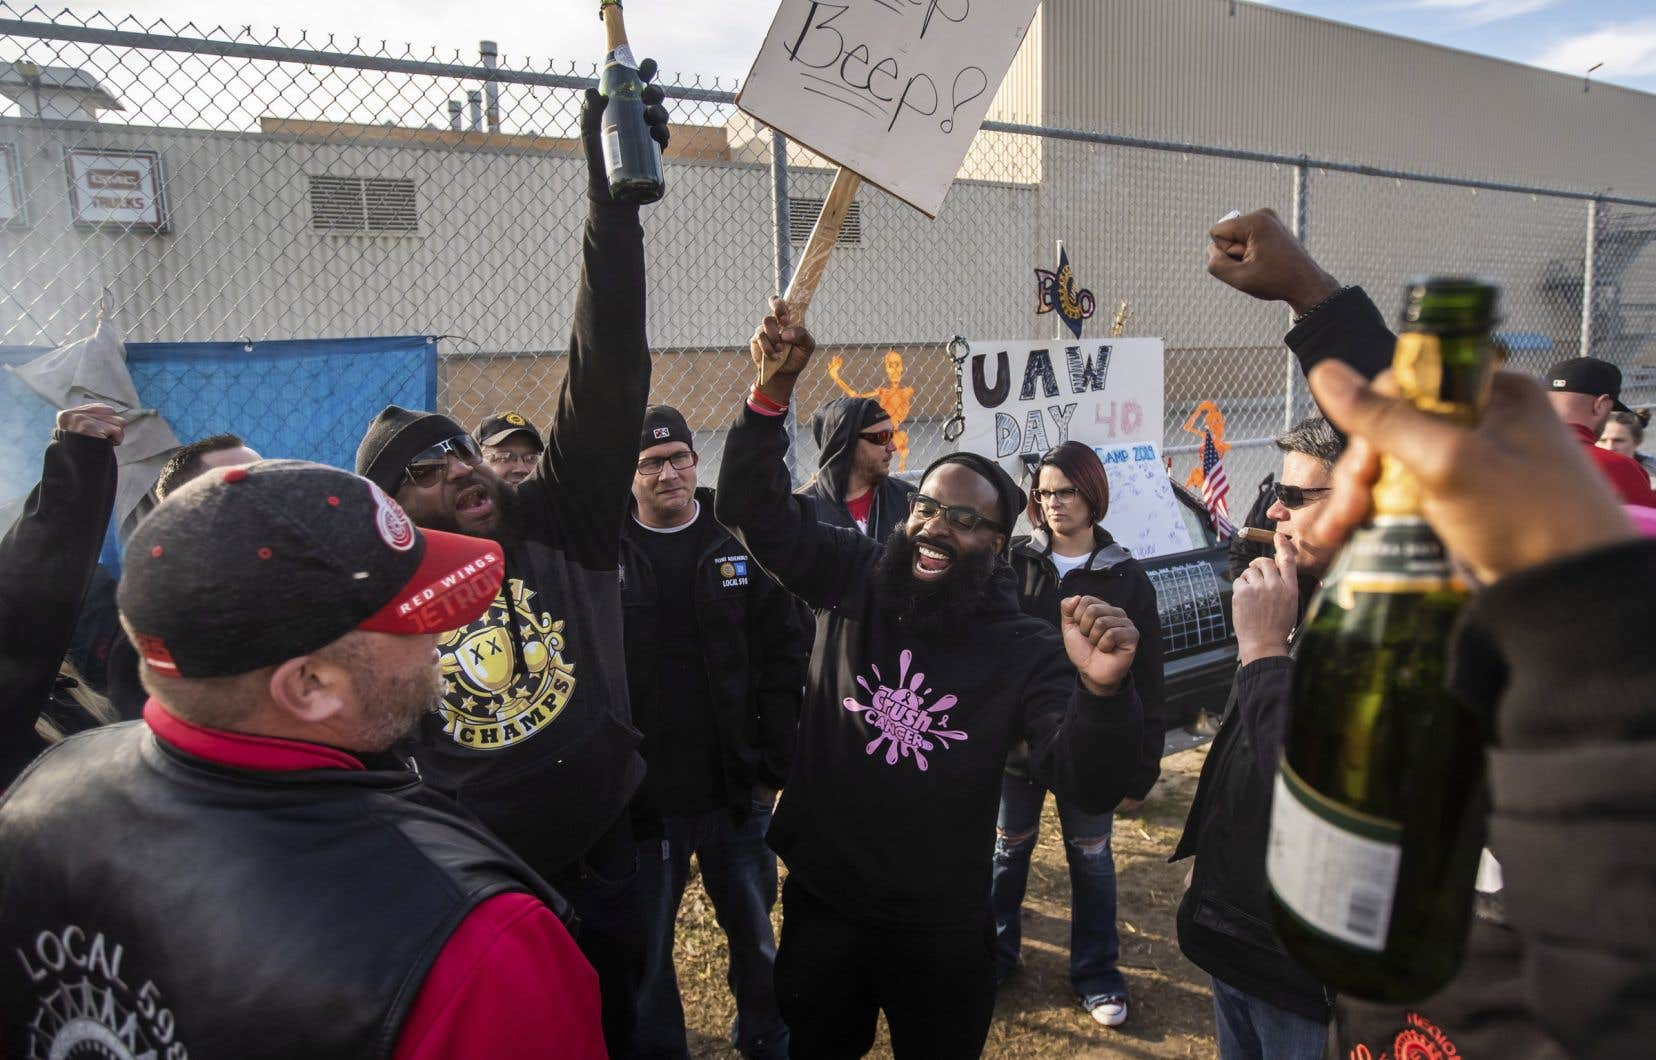 La grève de quarante jours chez General Motors, qui a débouché sur un accord salarial célébré par les grévistes le 25 octobre dernier, est en partie responsable de cette hausse du taux de sans-emploi.